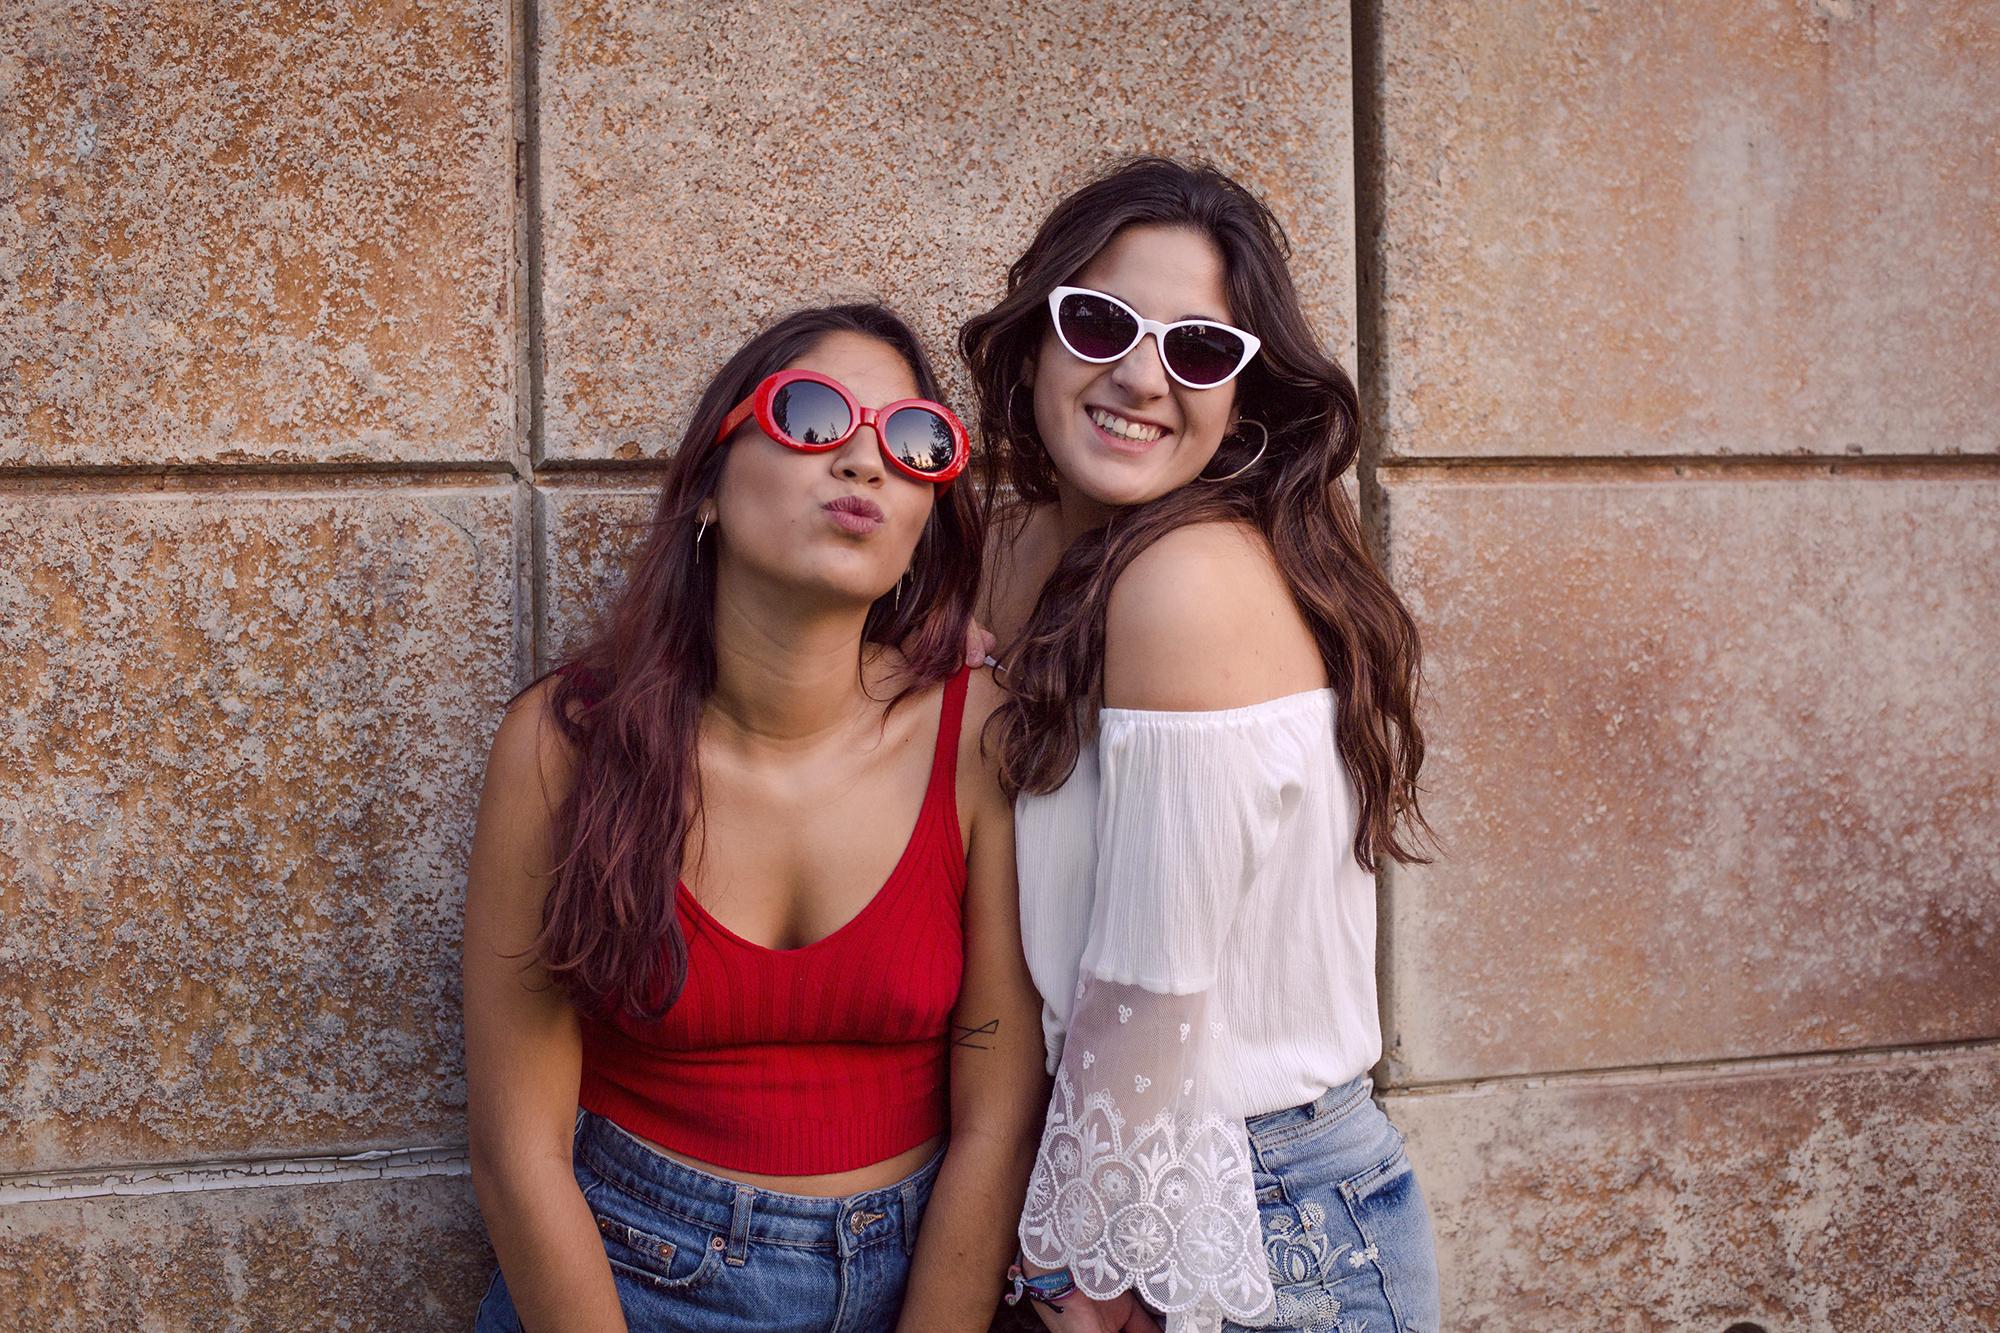 Hermanas divertidas con gafas de sol de colores en el parque.